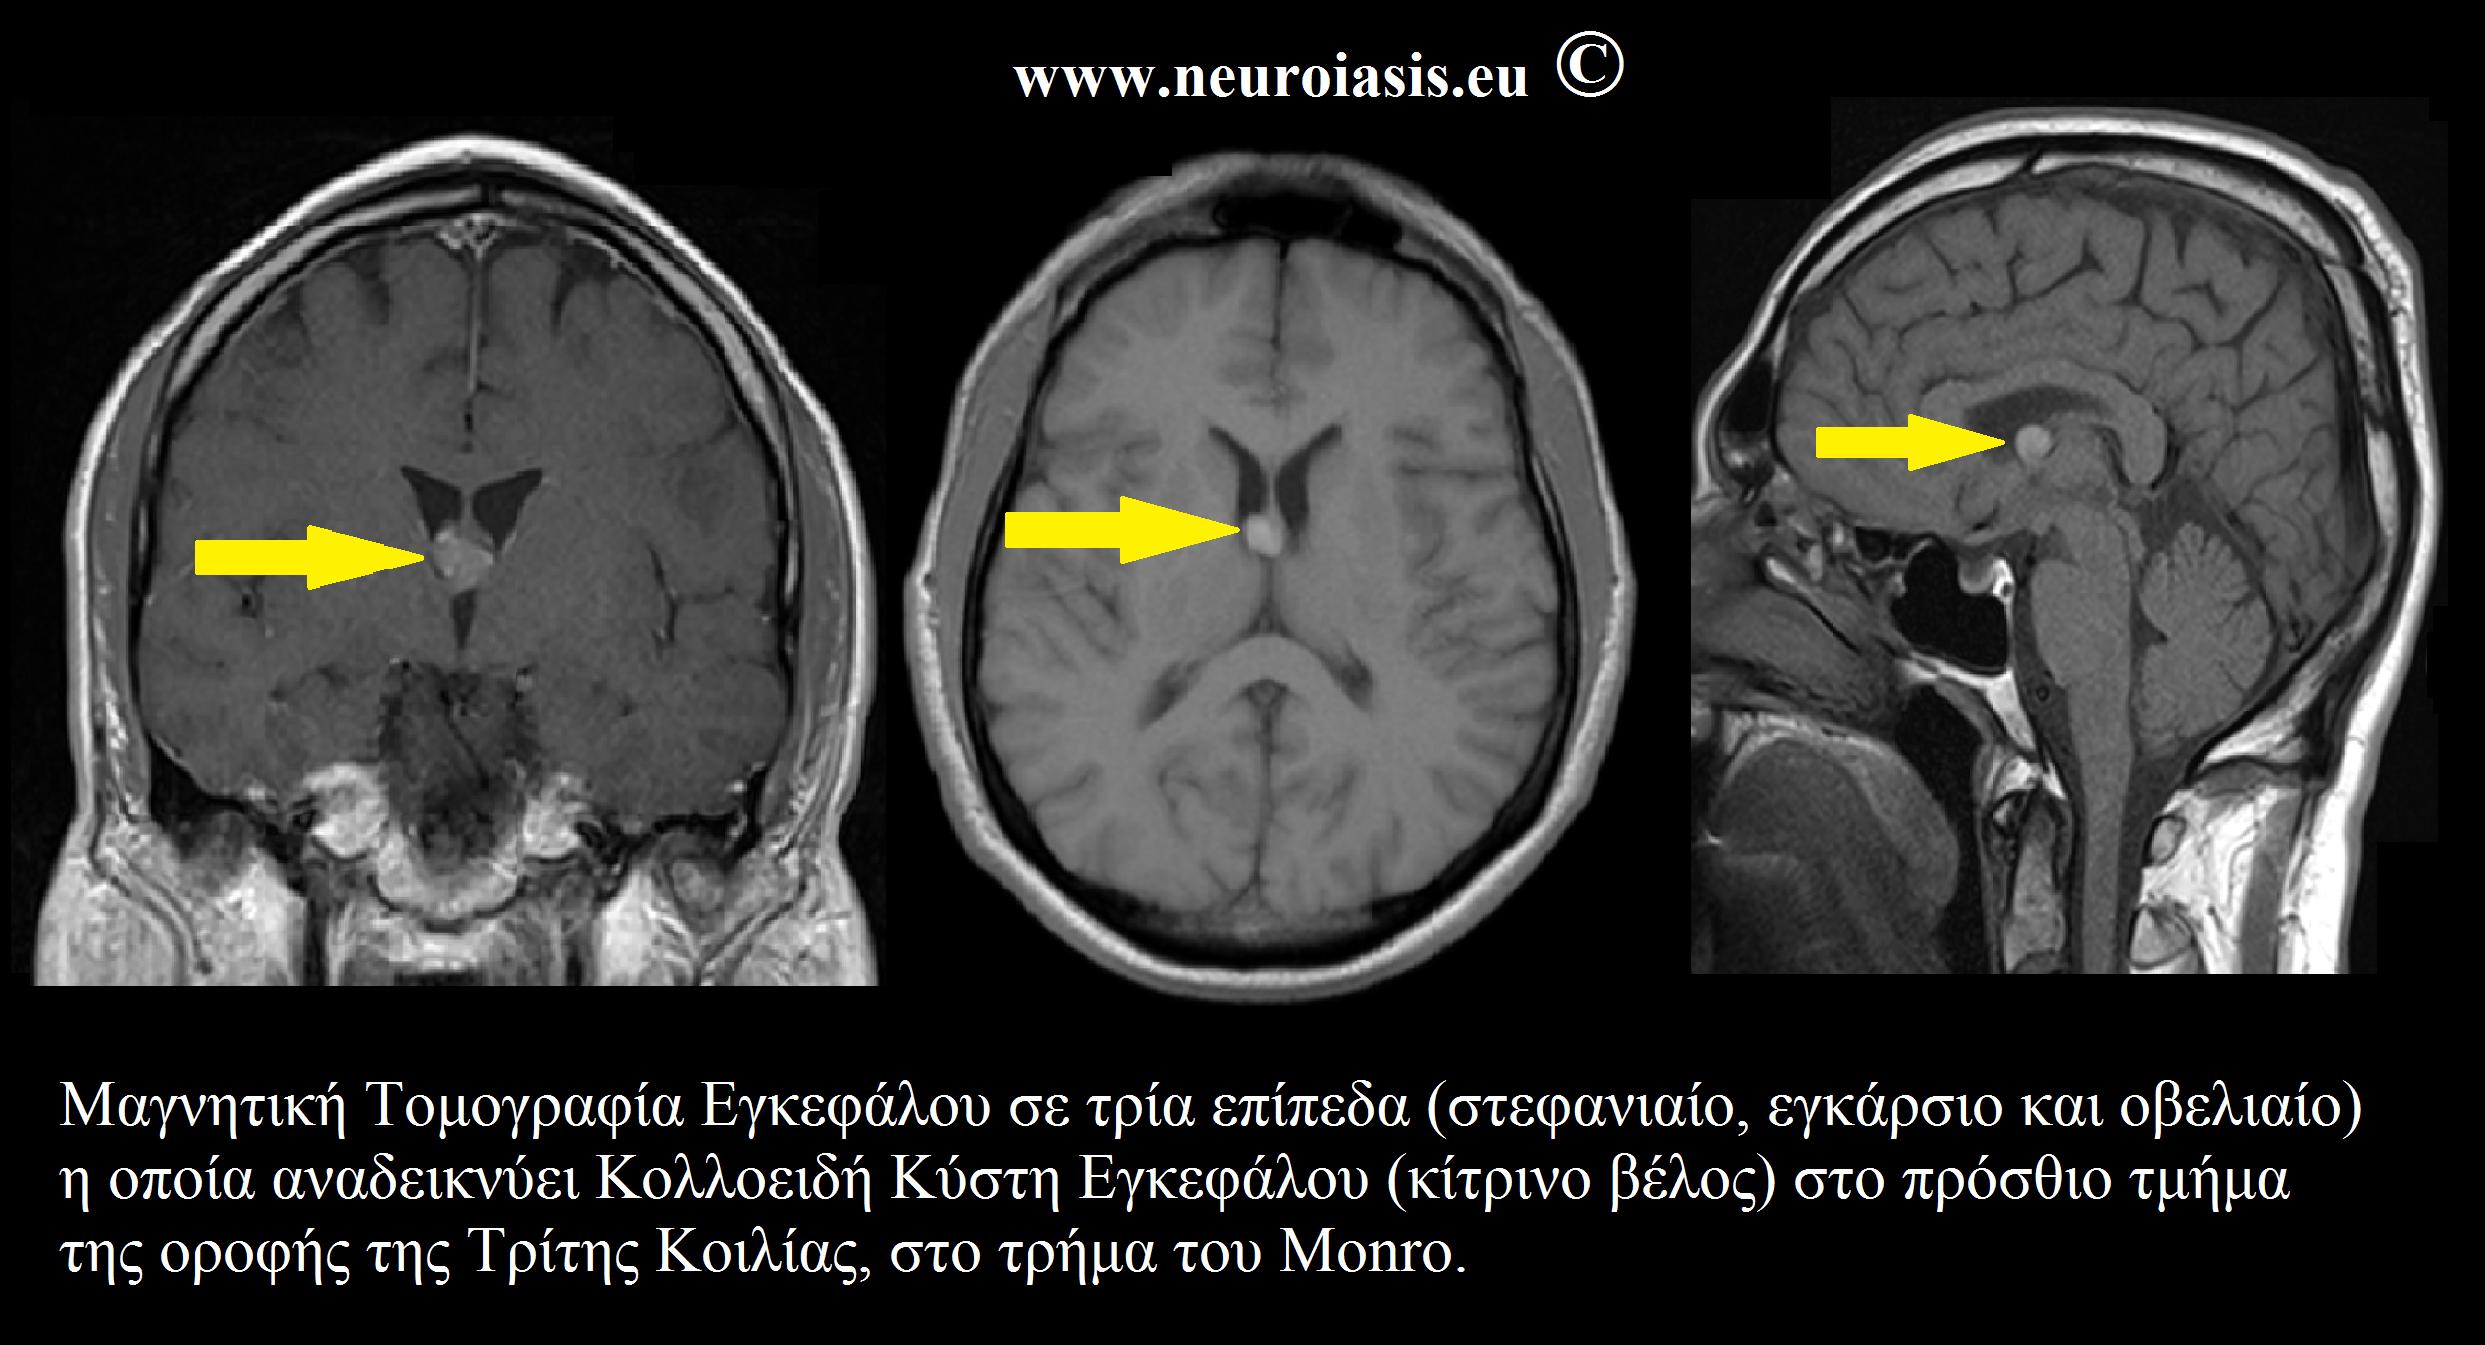 κολλοειδής κύστη εγκεφάλου